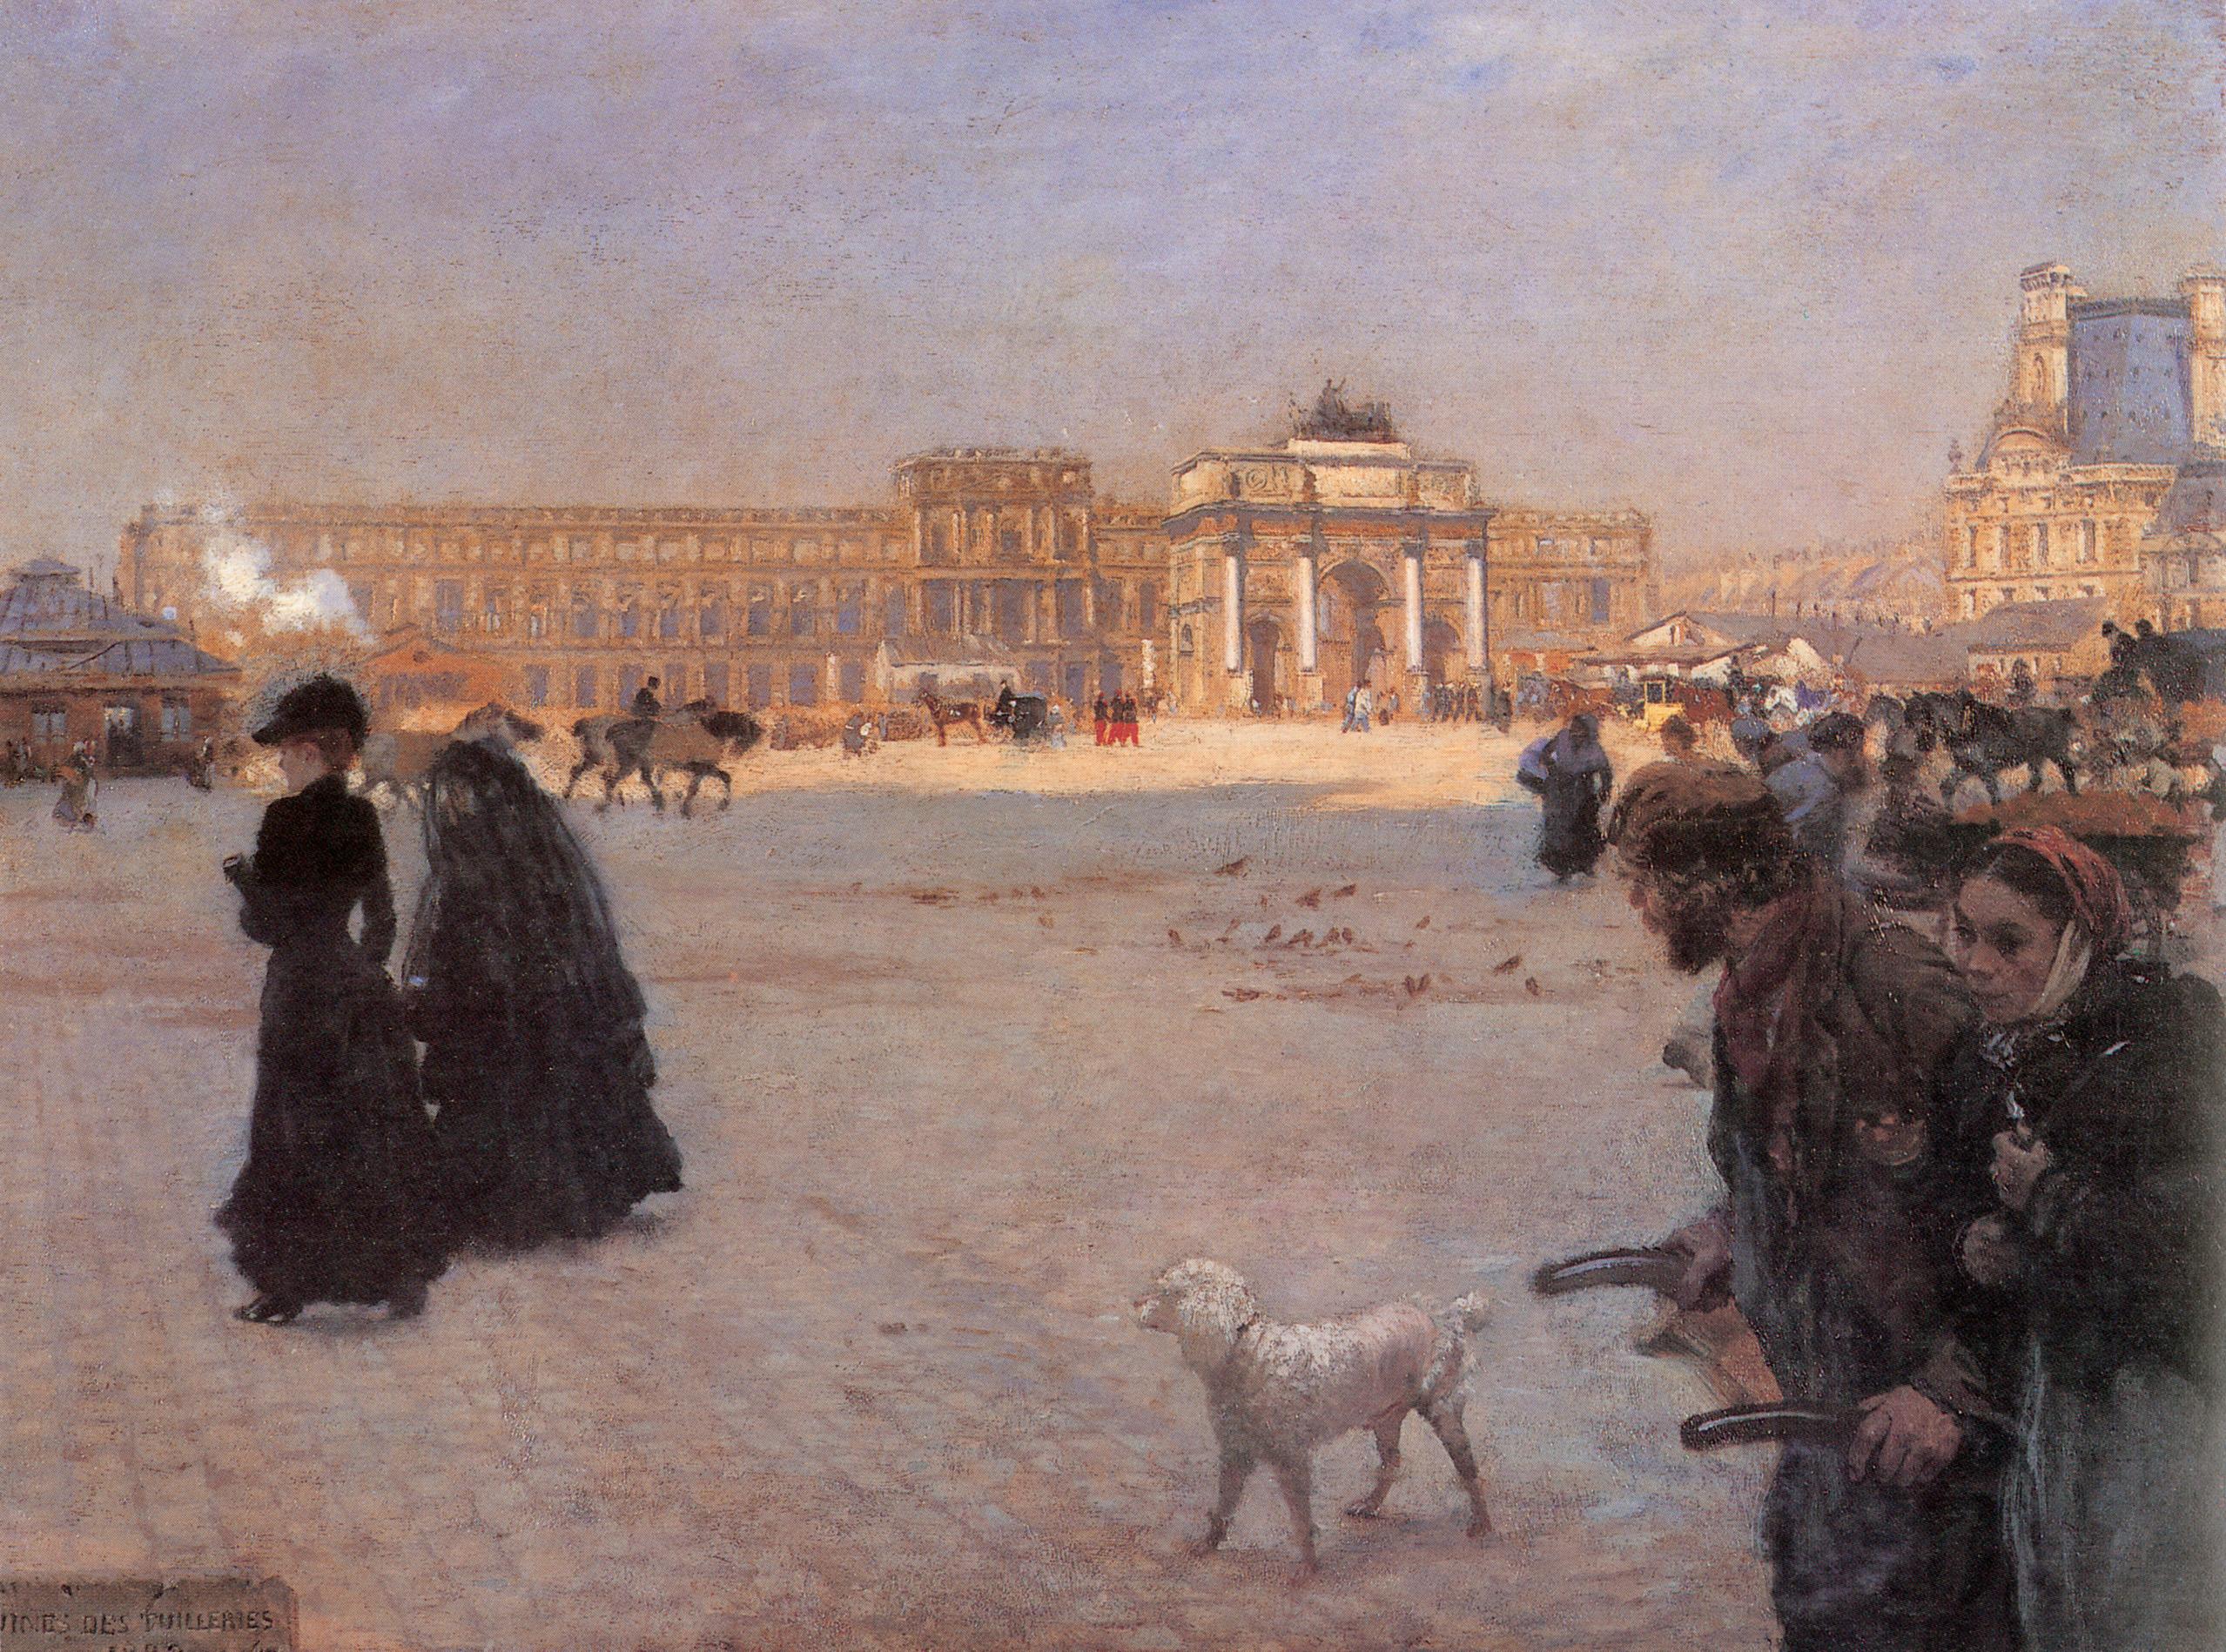 la-place-du-carrousel-paris-the-ruins-of-the-tuileries-1882